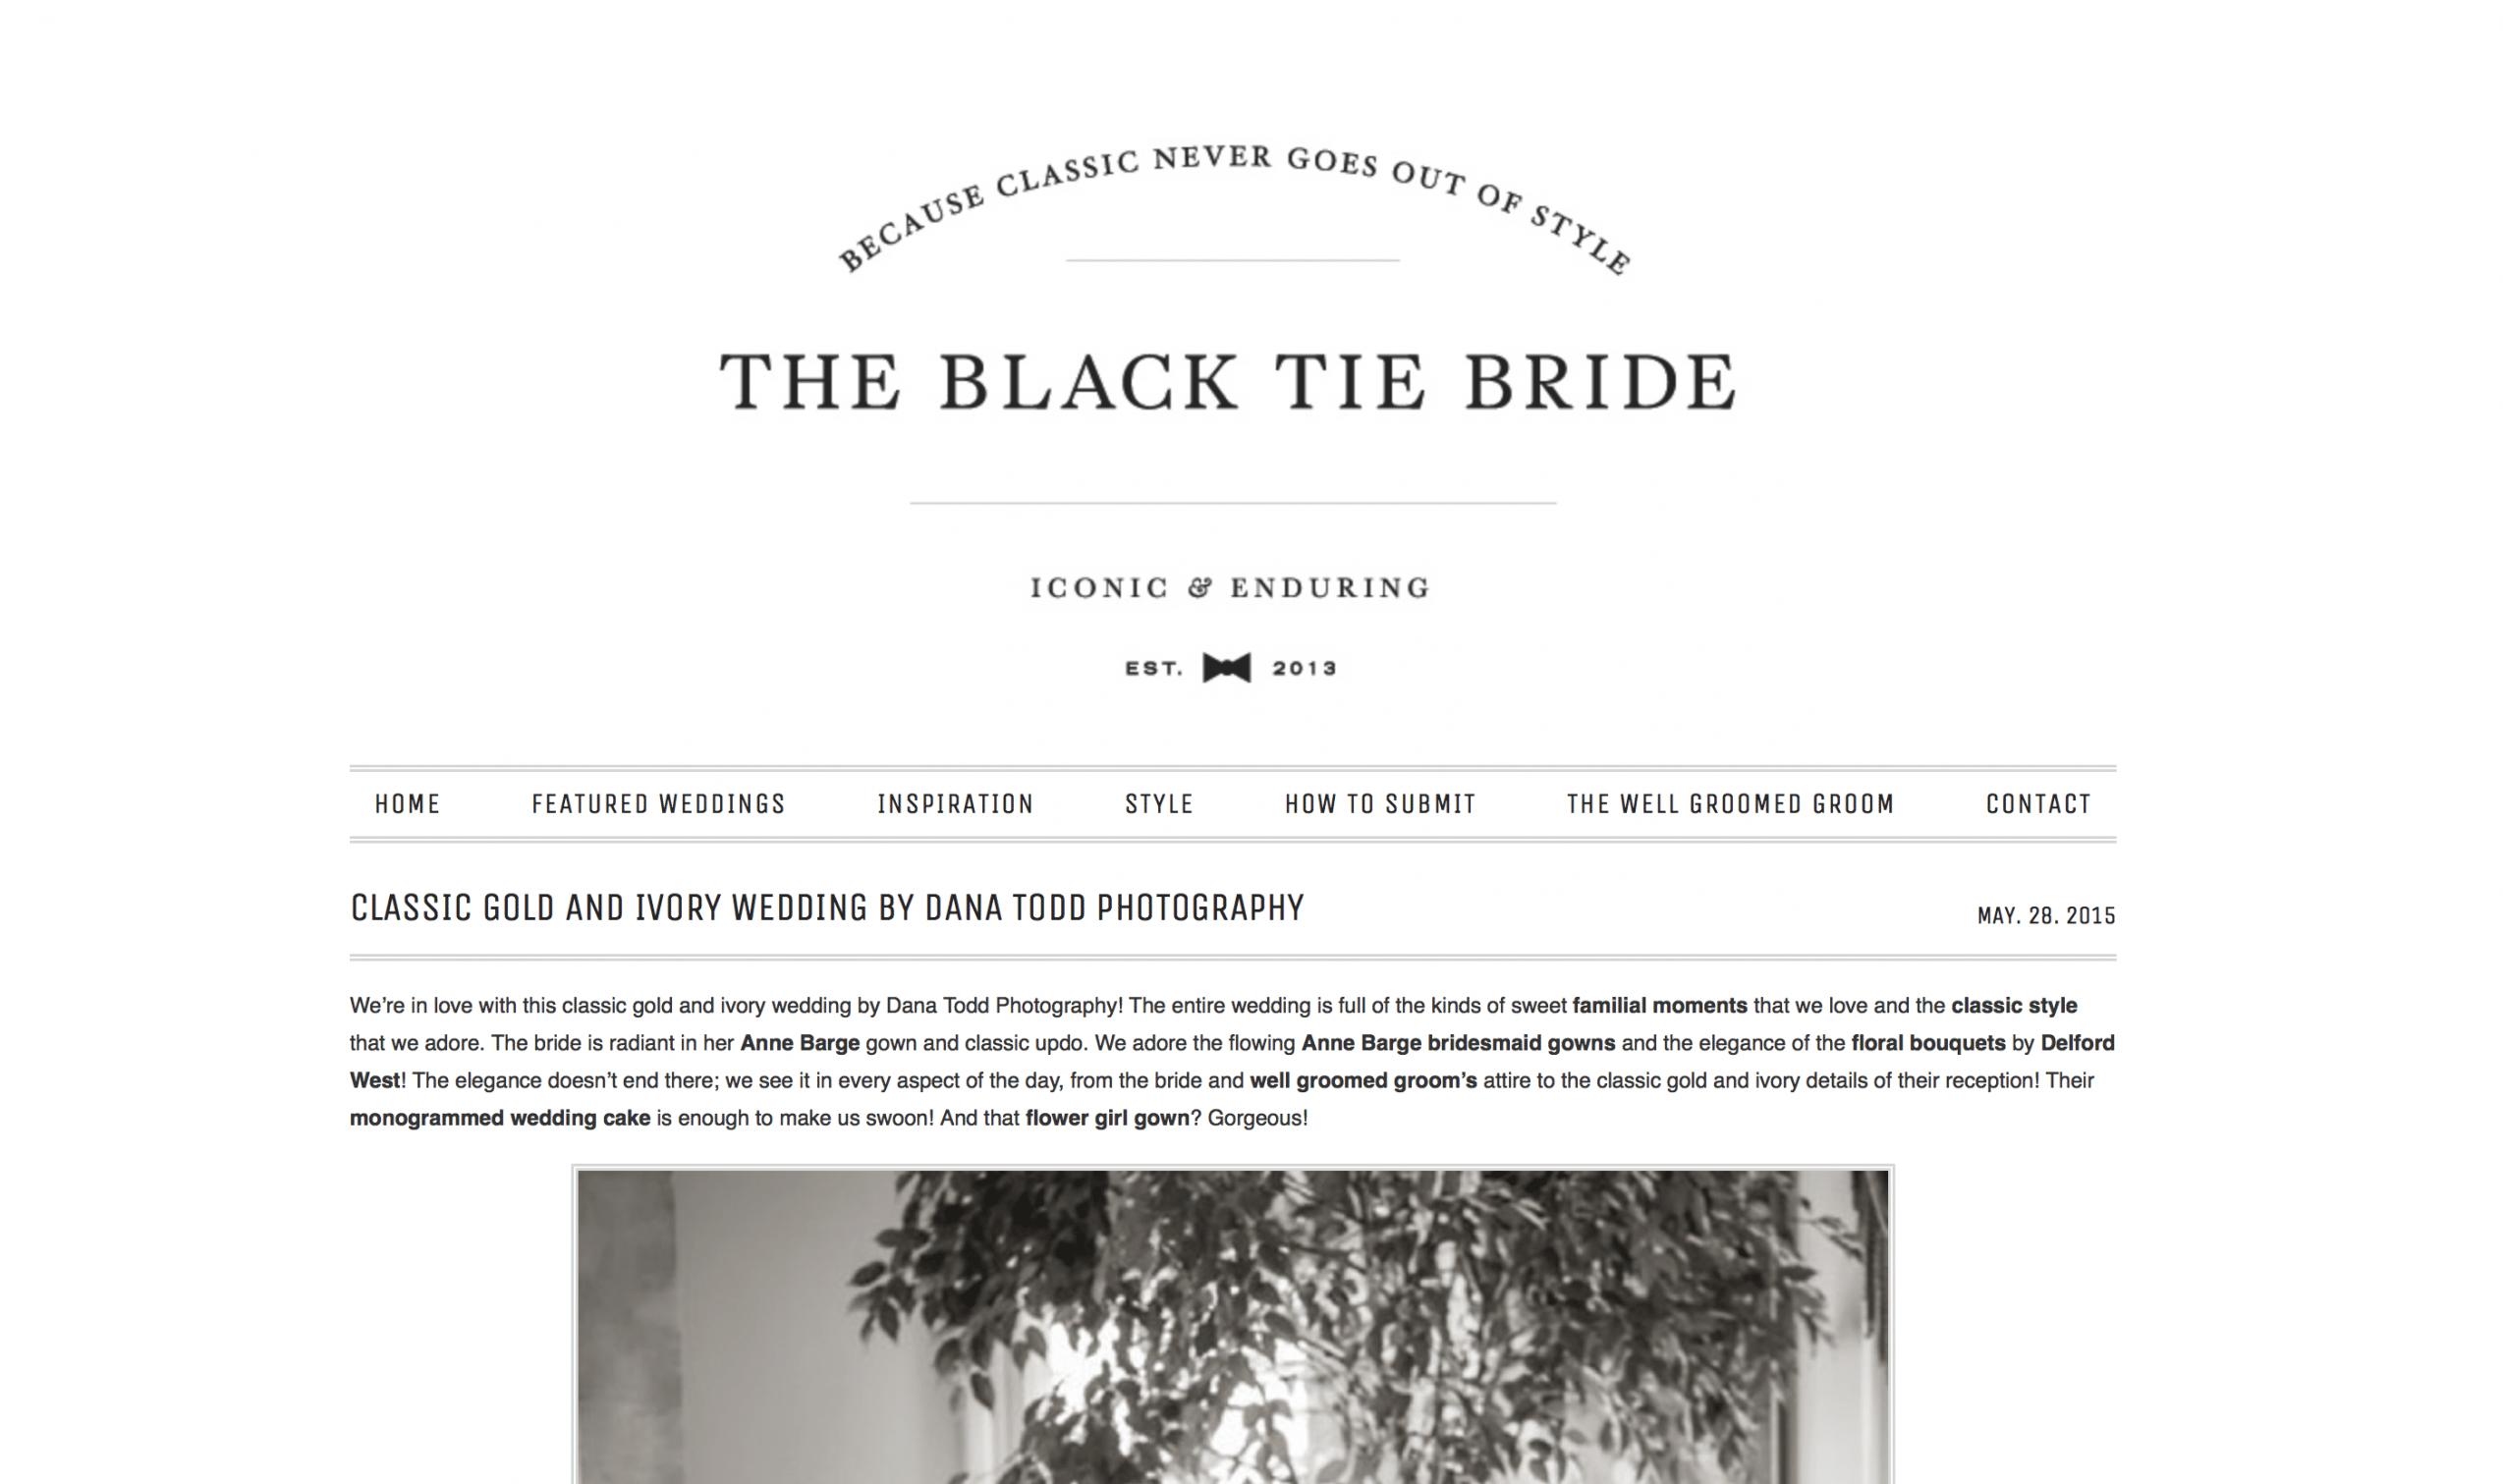 Black Tie Bride